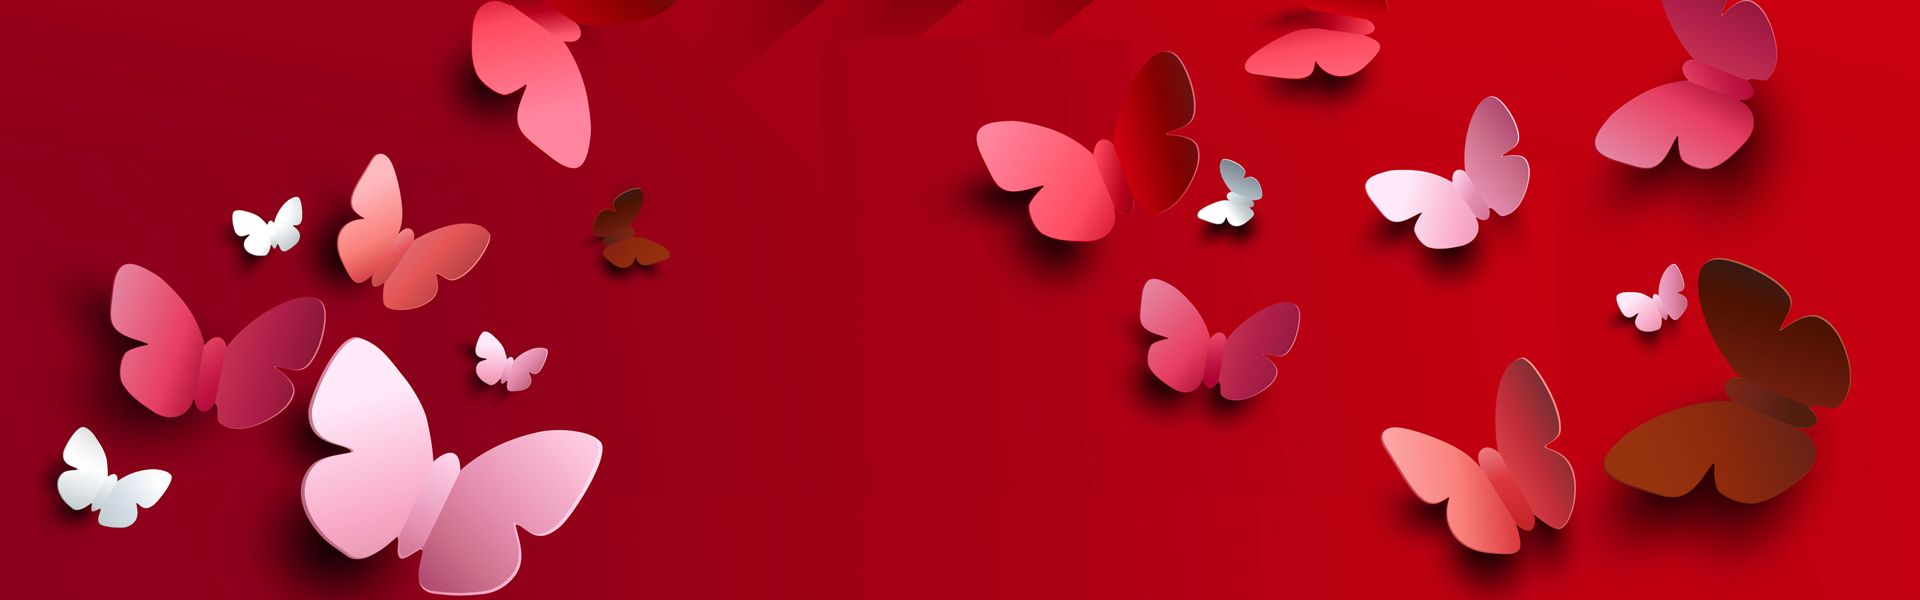 ثلاثي الأبعاد فراشة خلفية حمراء Red Background Three Dimensional Butterfly